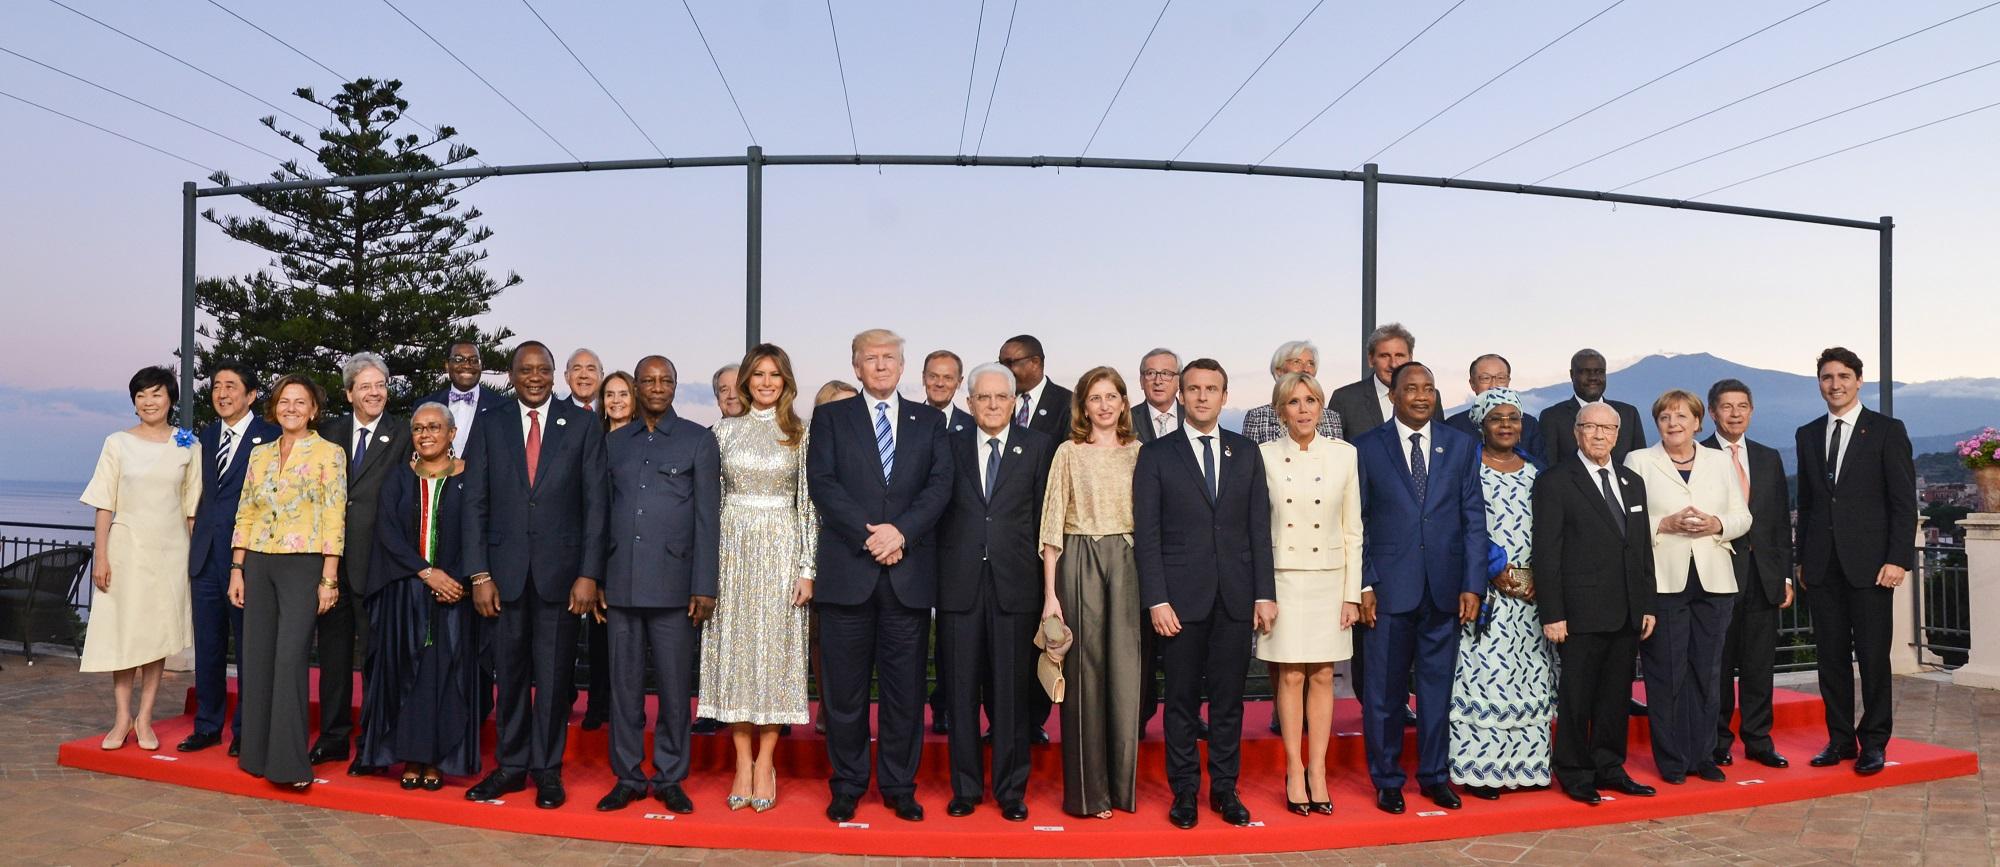 G-7-Minister einig: Klima wirkt sich auf Gesundheit aus